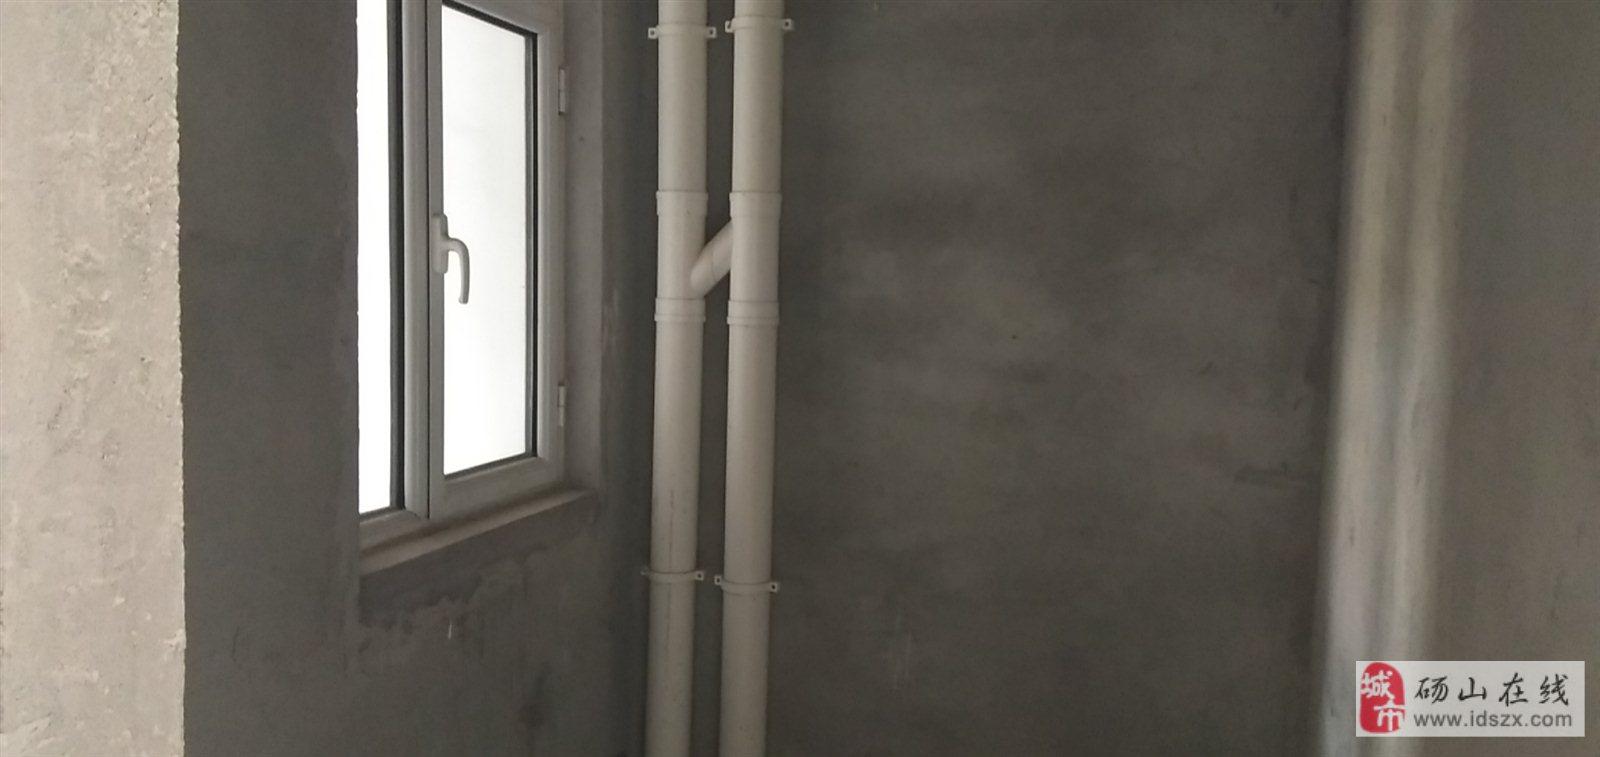 翡翠城电梯房10楼毛坯房满2唯1公园和学校在门口